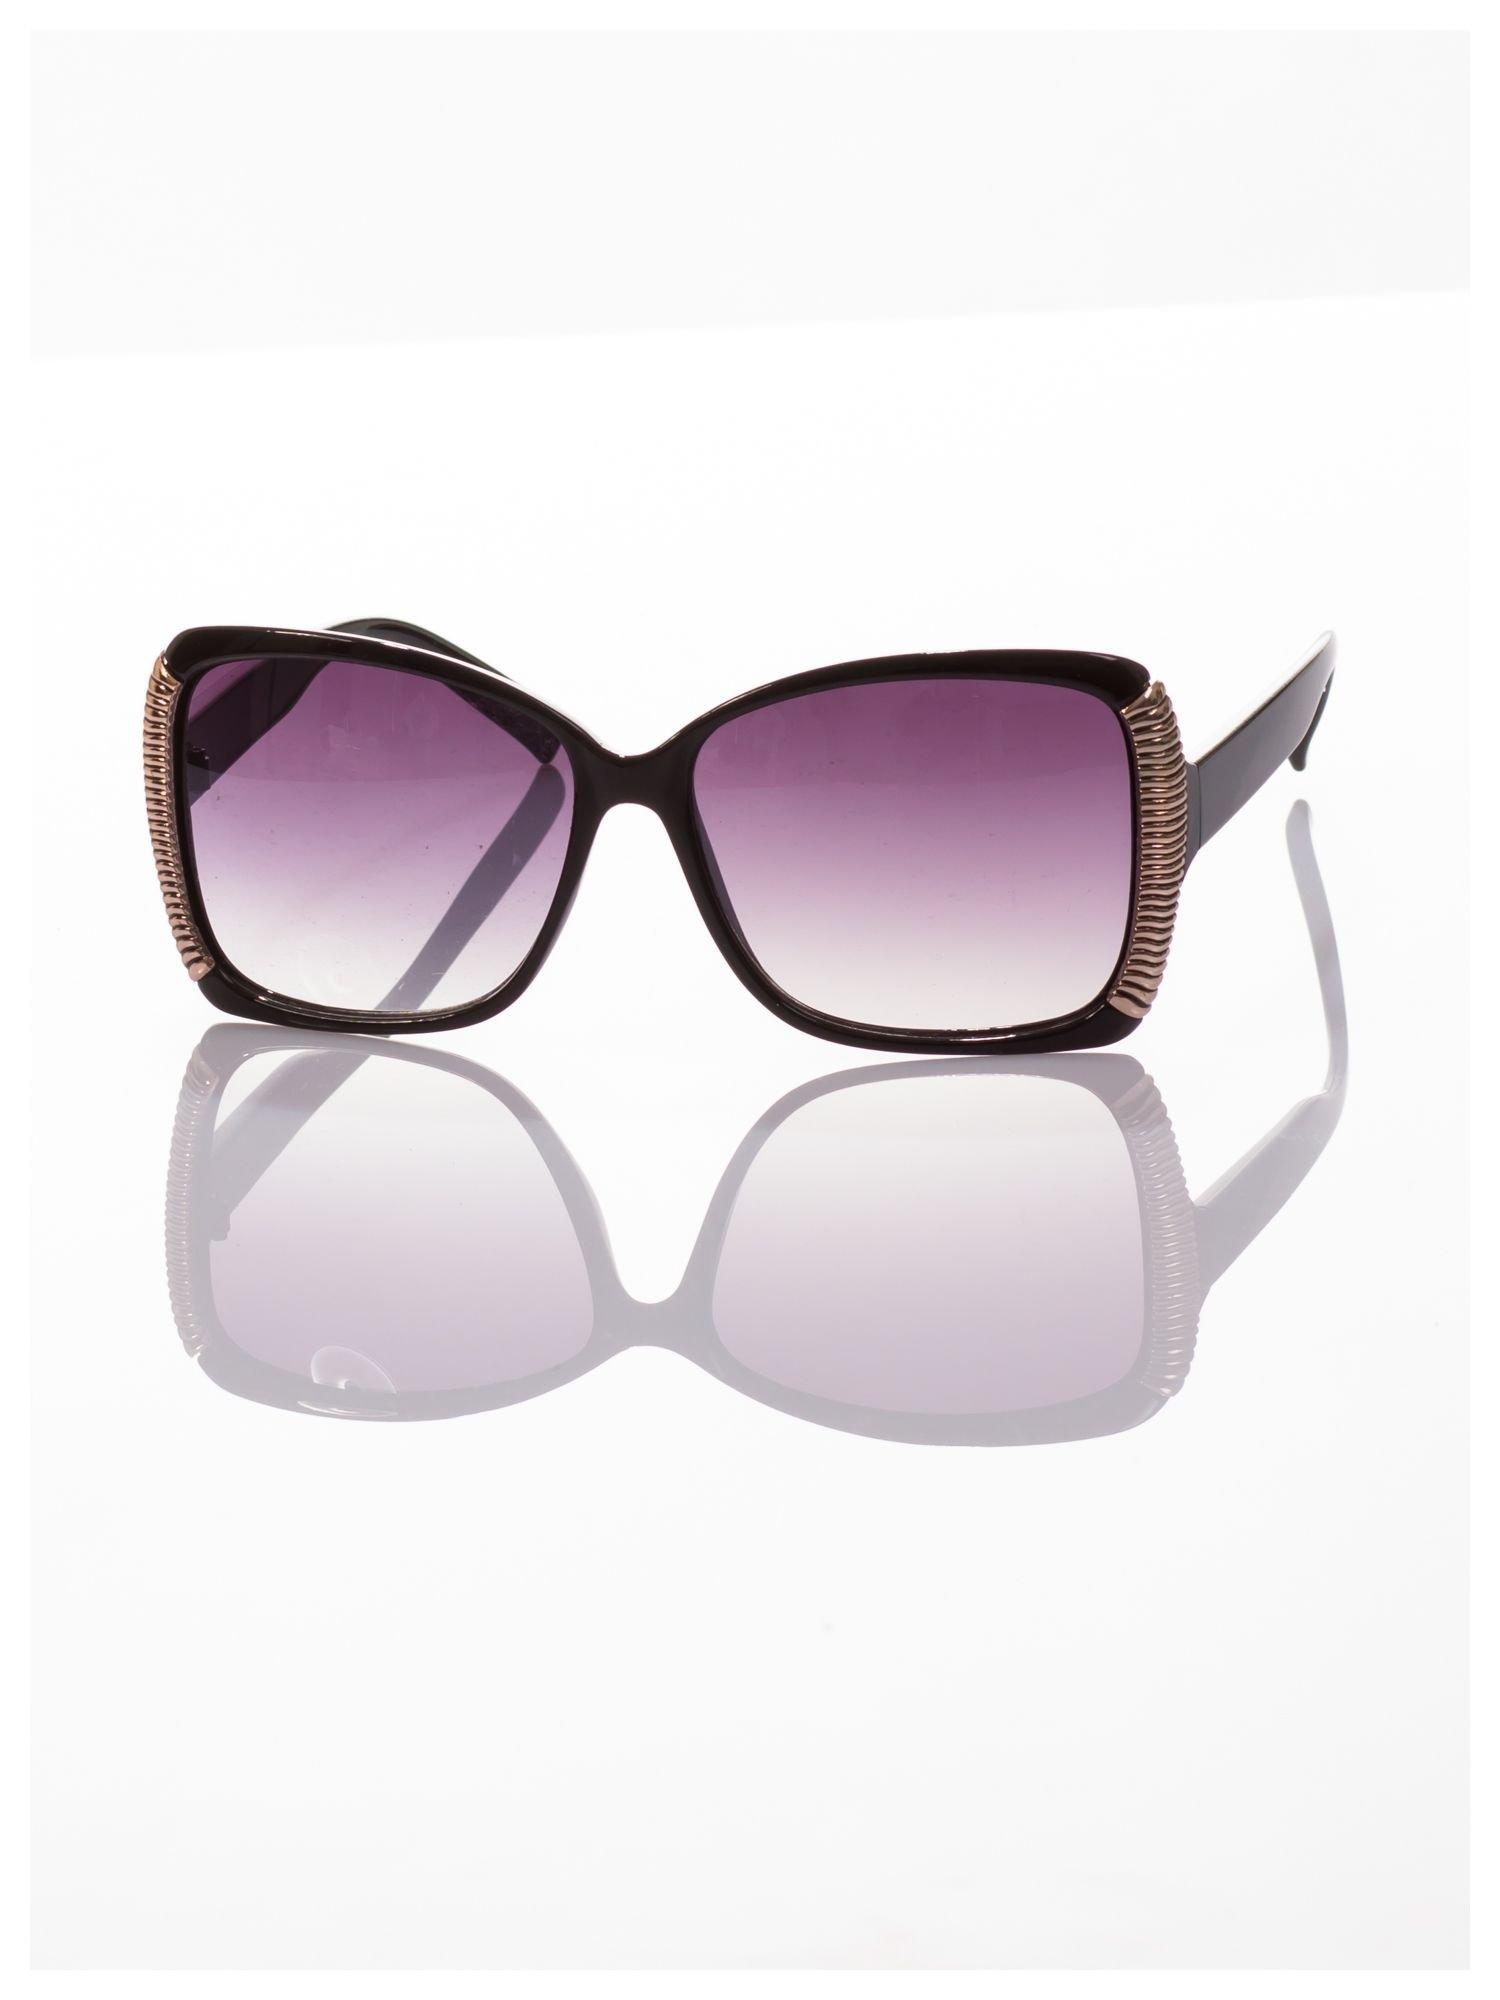 Eleganckie czarne okulary przeciwsłoneczne stylizowane na GUCCI ze srebrnymi bokami                                  zdj.                                  2